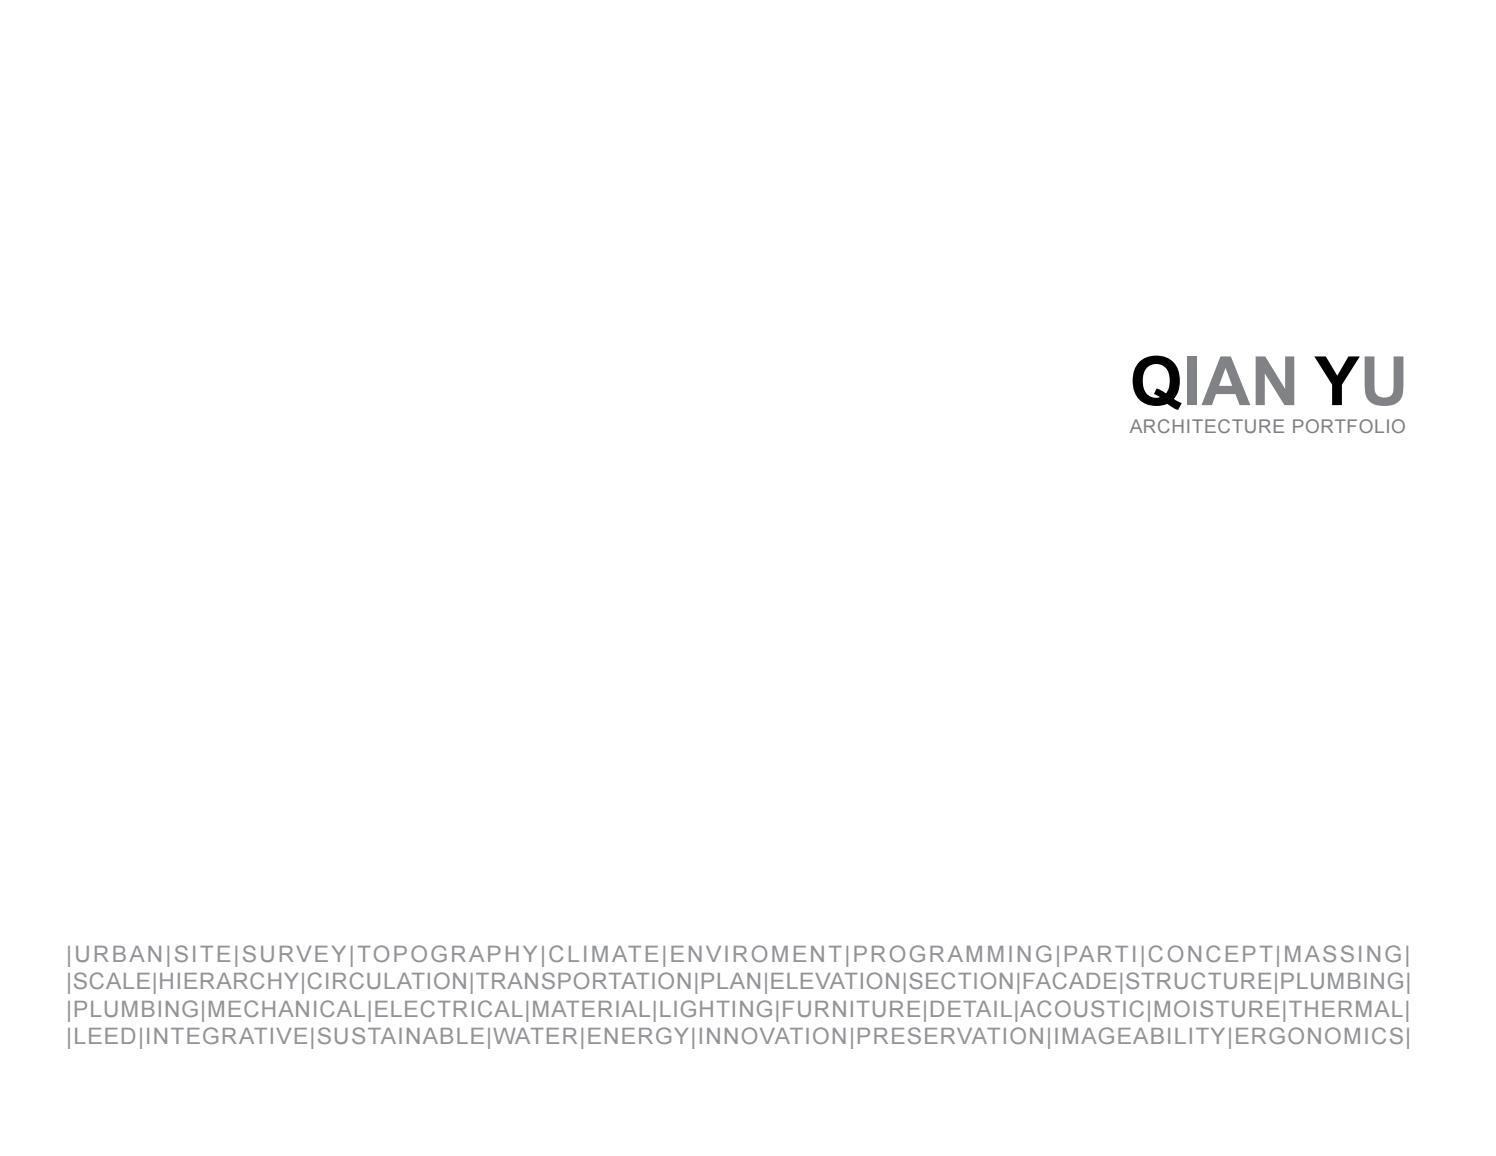 Qian Yu Architectural Portfolio by Qian Yu - issuu